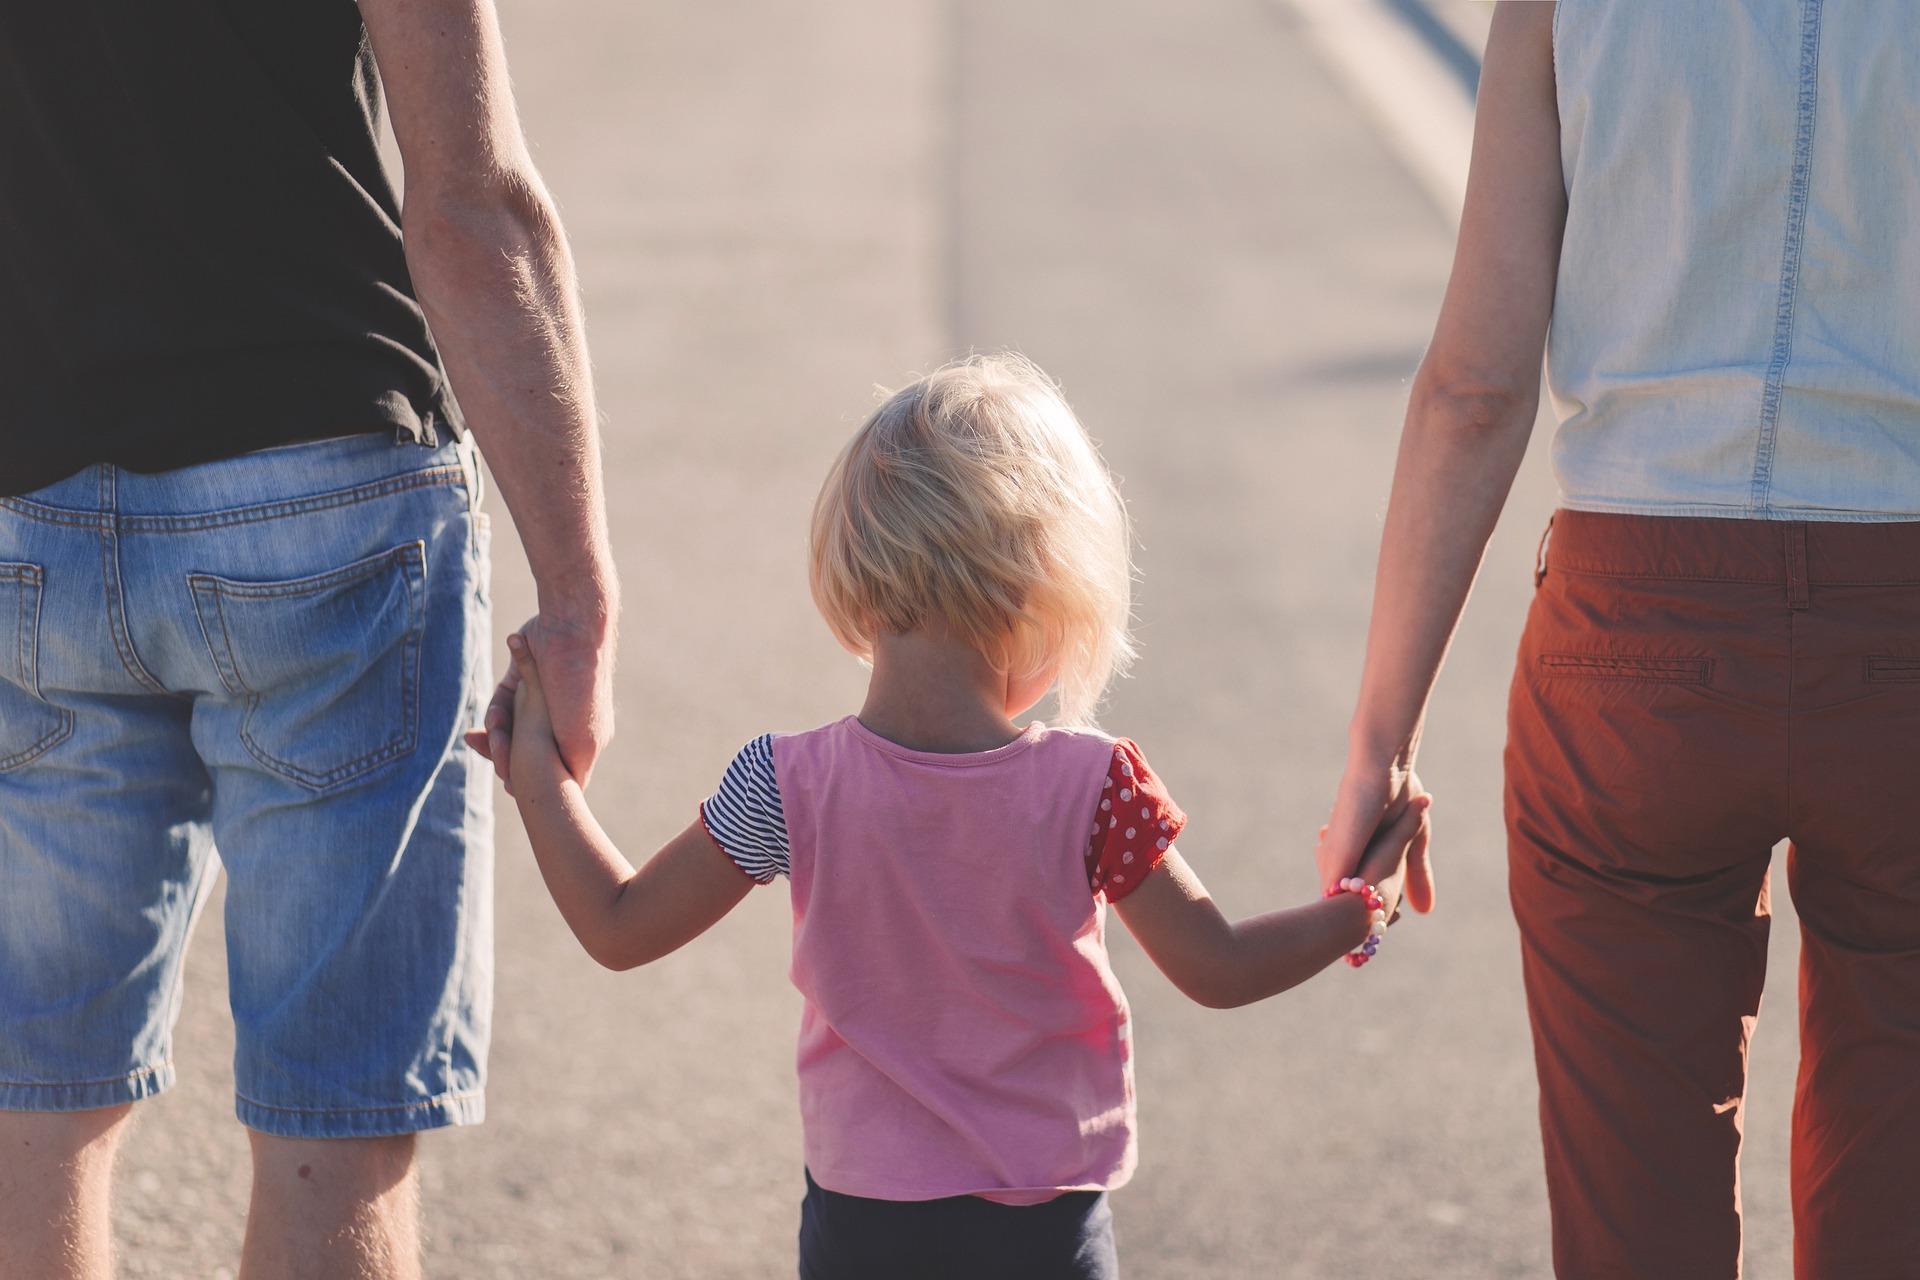 Symbolbild Vereinbarkeit Familie und Beruf, das ein kleines Kind mit seinen Eltern Hand in Hand zeigt